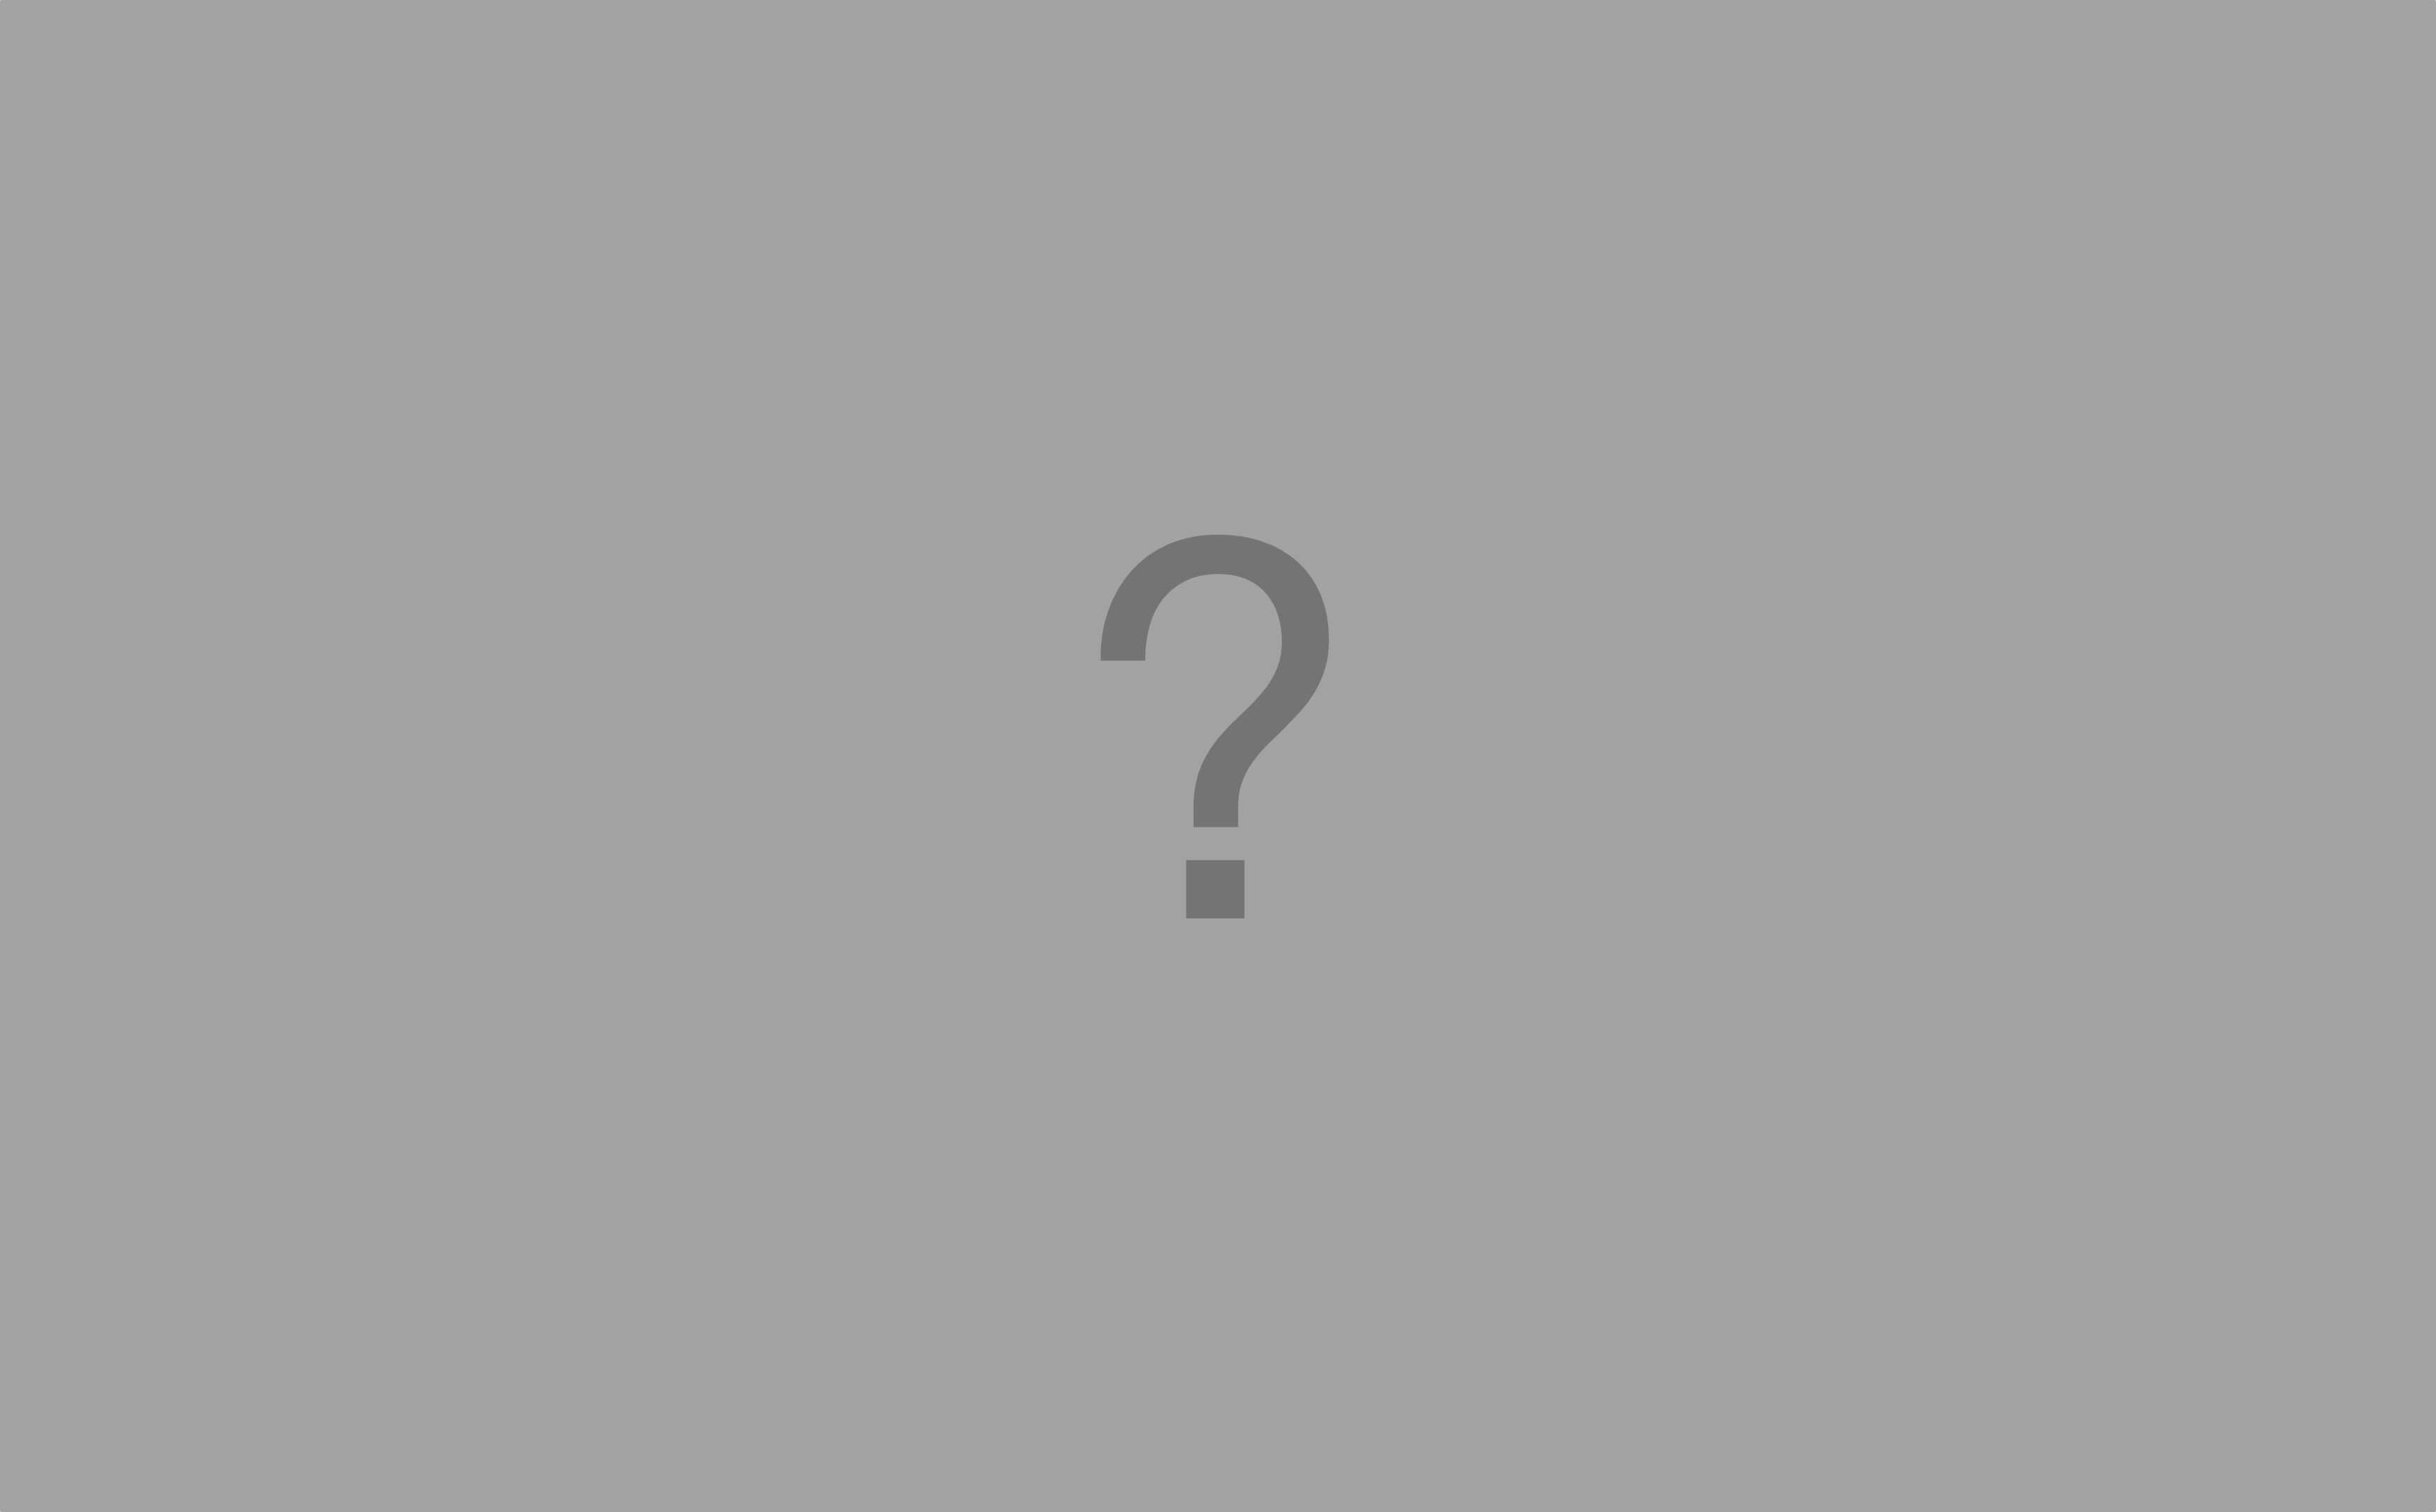 HomePod: Verfügbarkeit verschlechtert sich + spannendes HomePod 2 Konzept